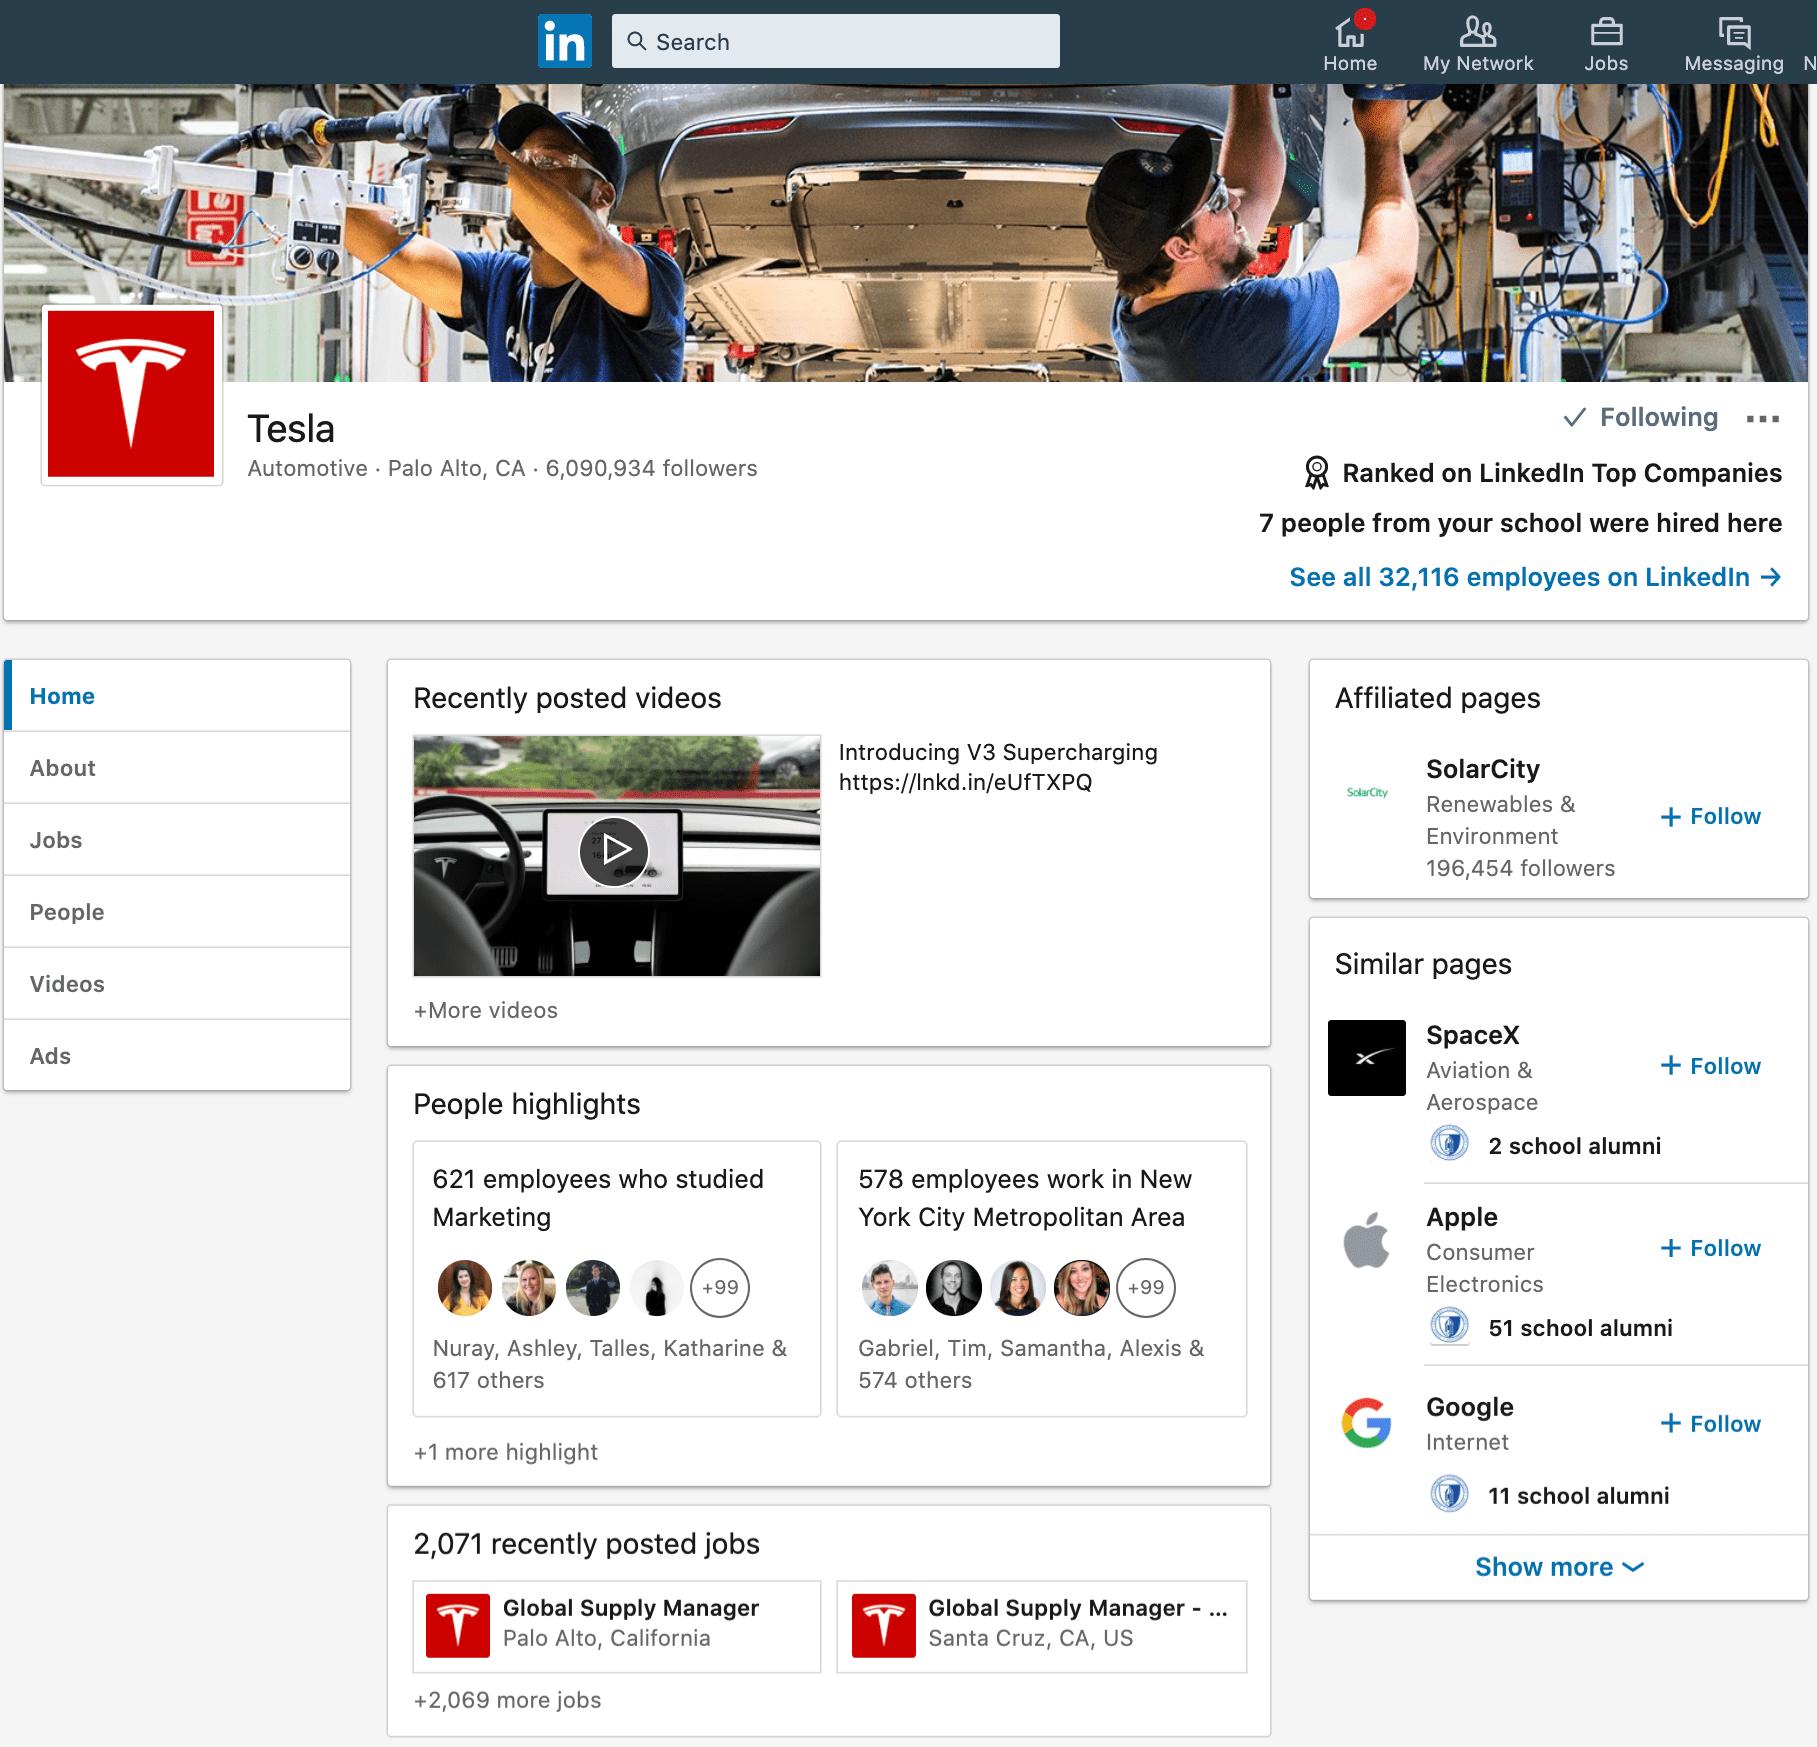 Tesla_Overview_LinkedIn